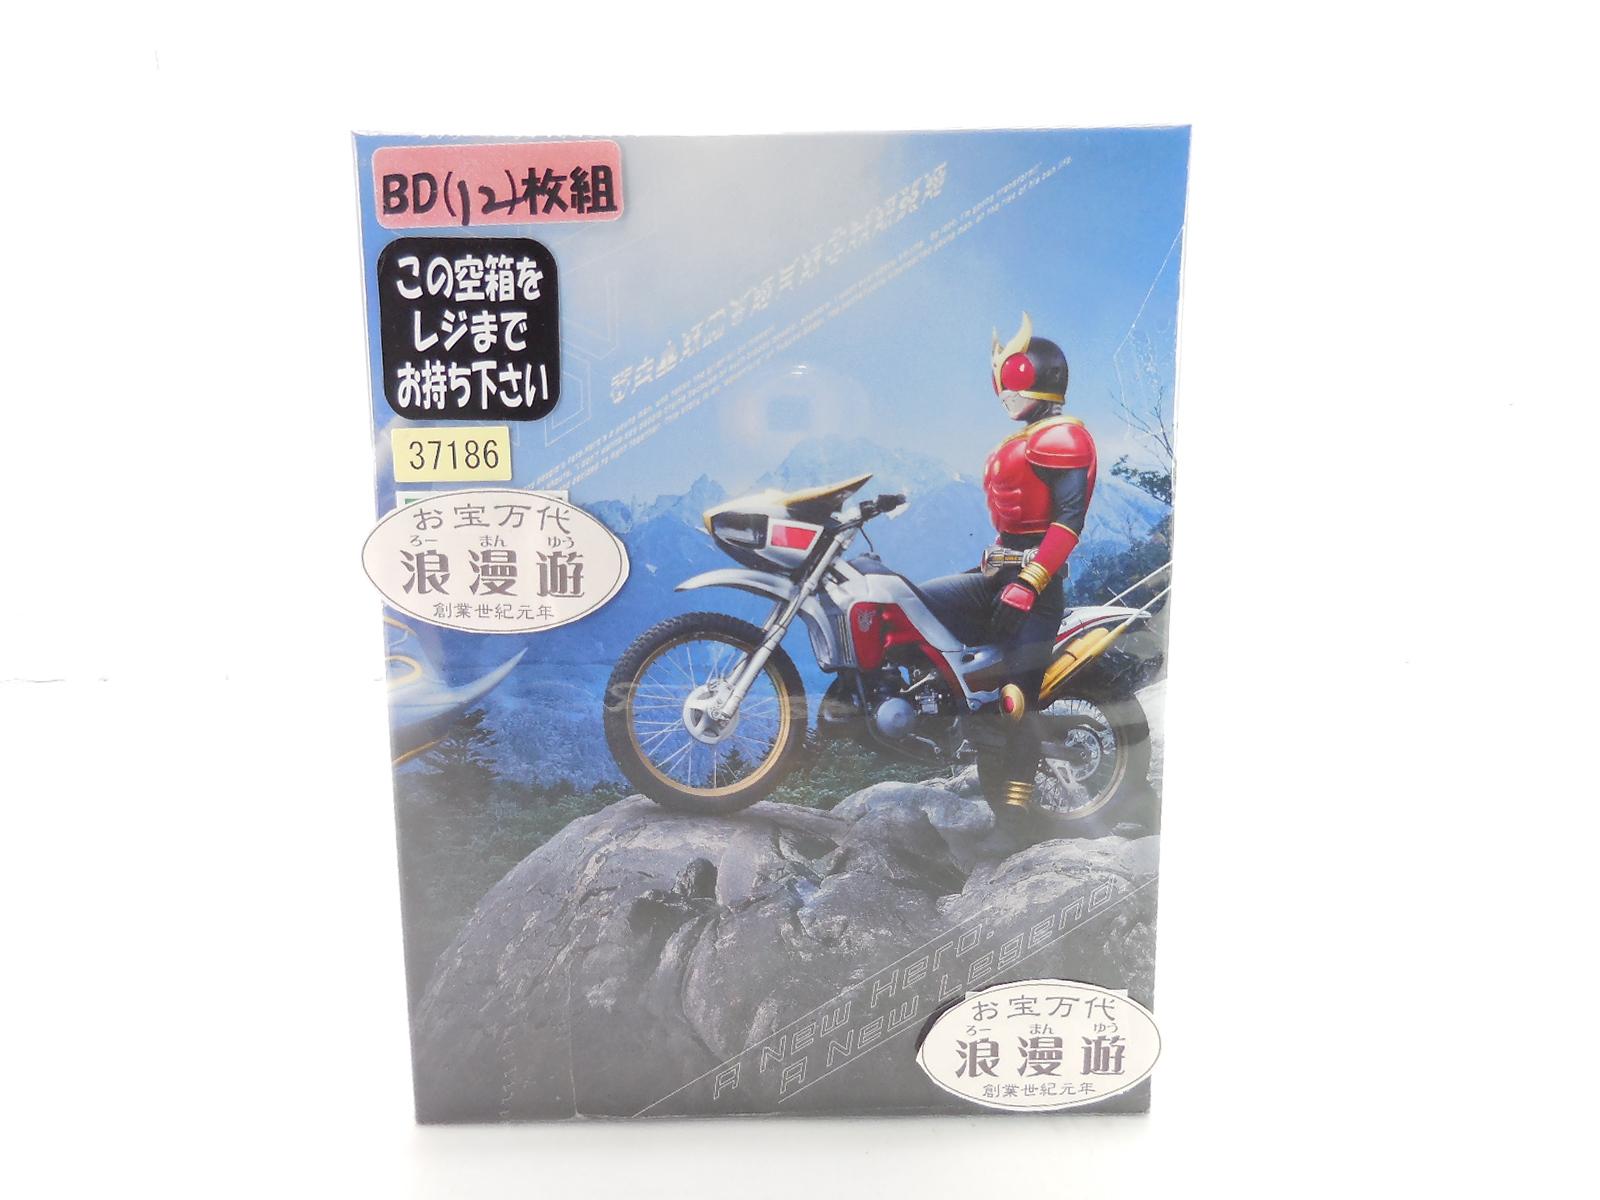 仮面ライダークウガ Blu‐ray BOX 初回生産限定版 全3巻 セット 収納BOX付き 【Blu-ray】